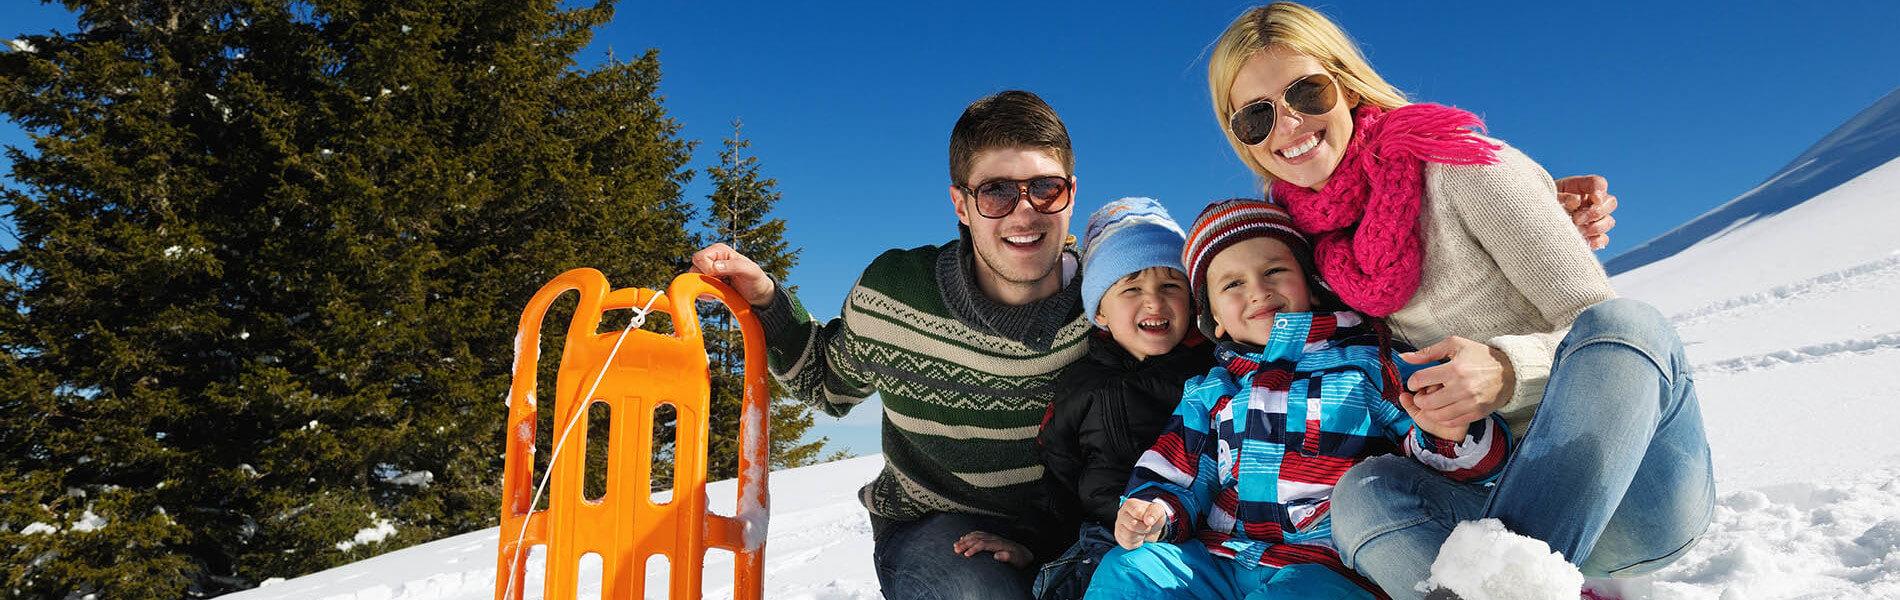 Winterurlaub am Hochkönig - Familie